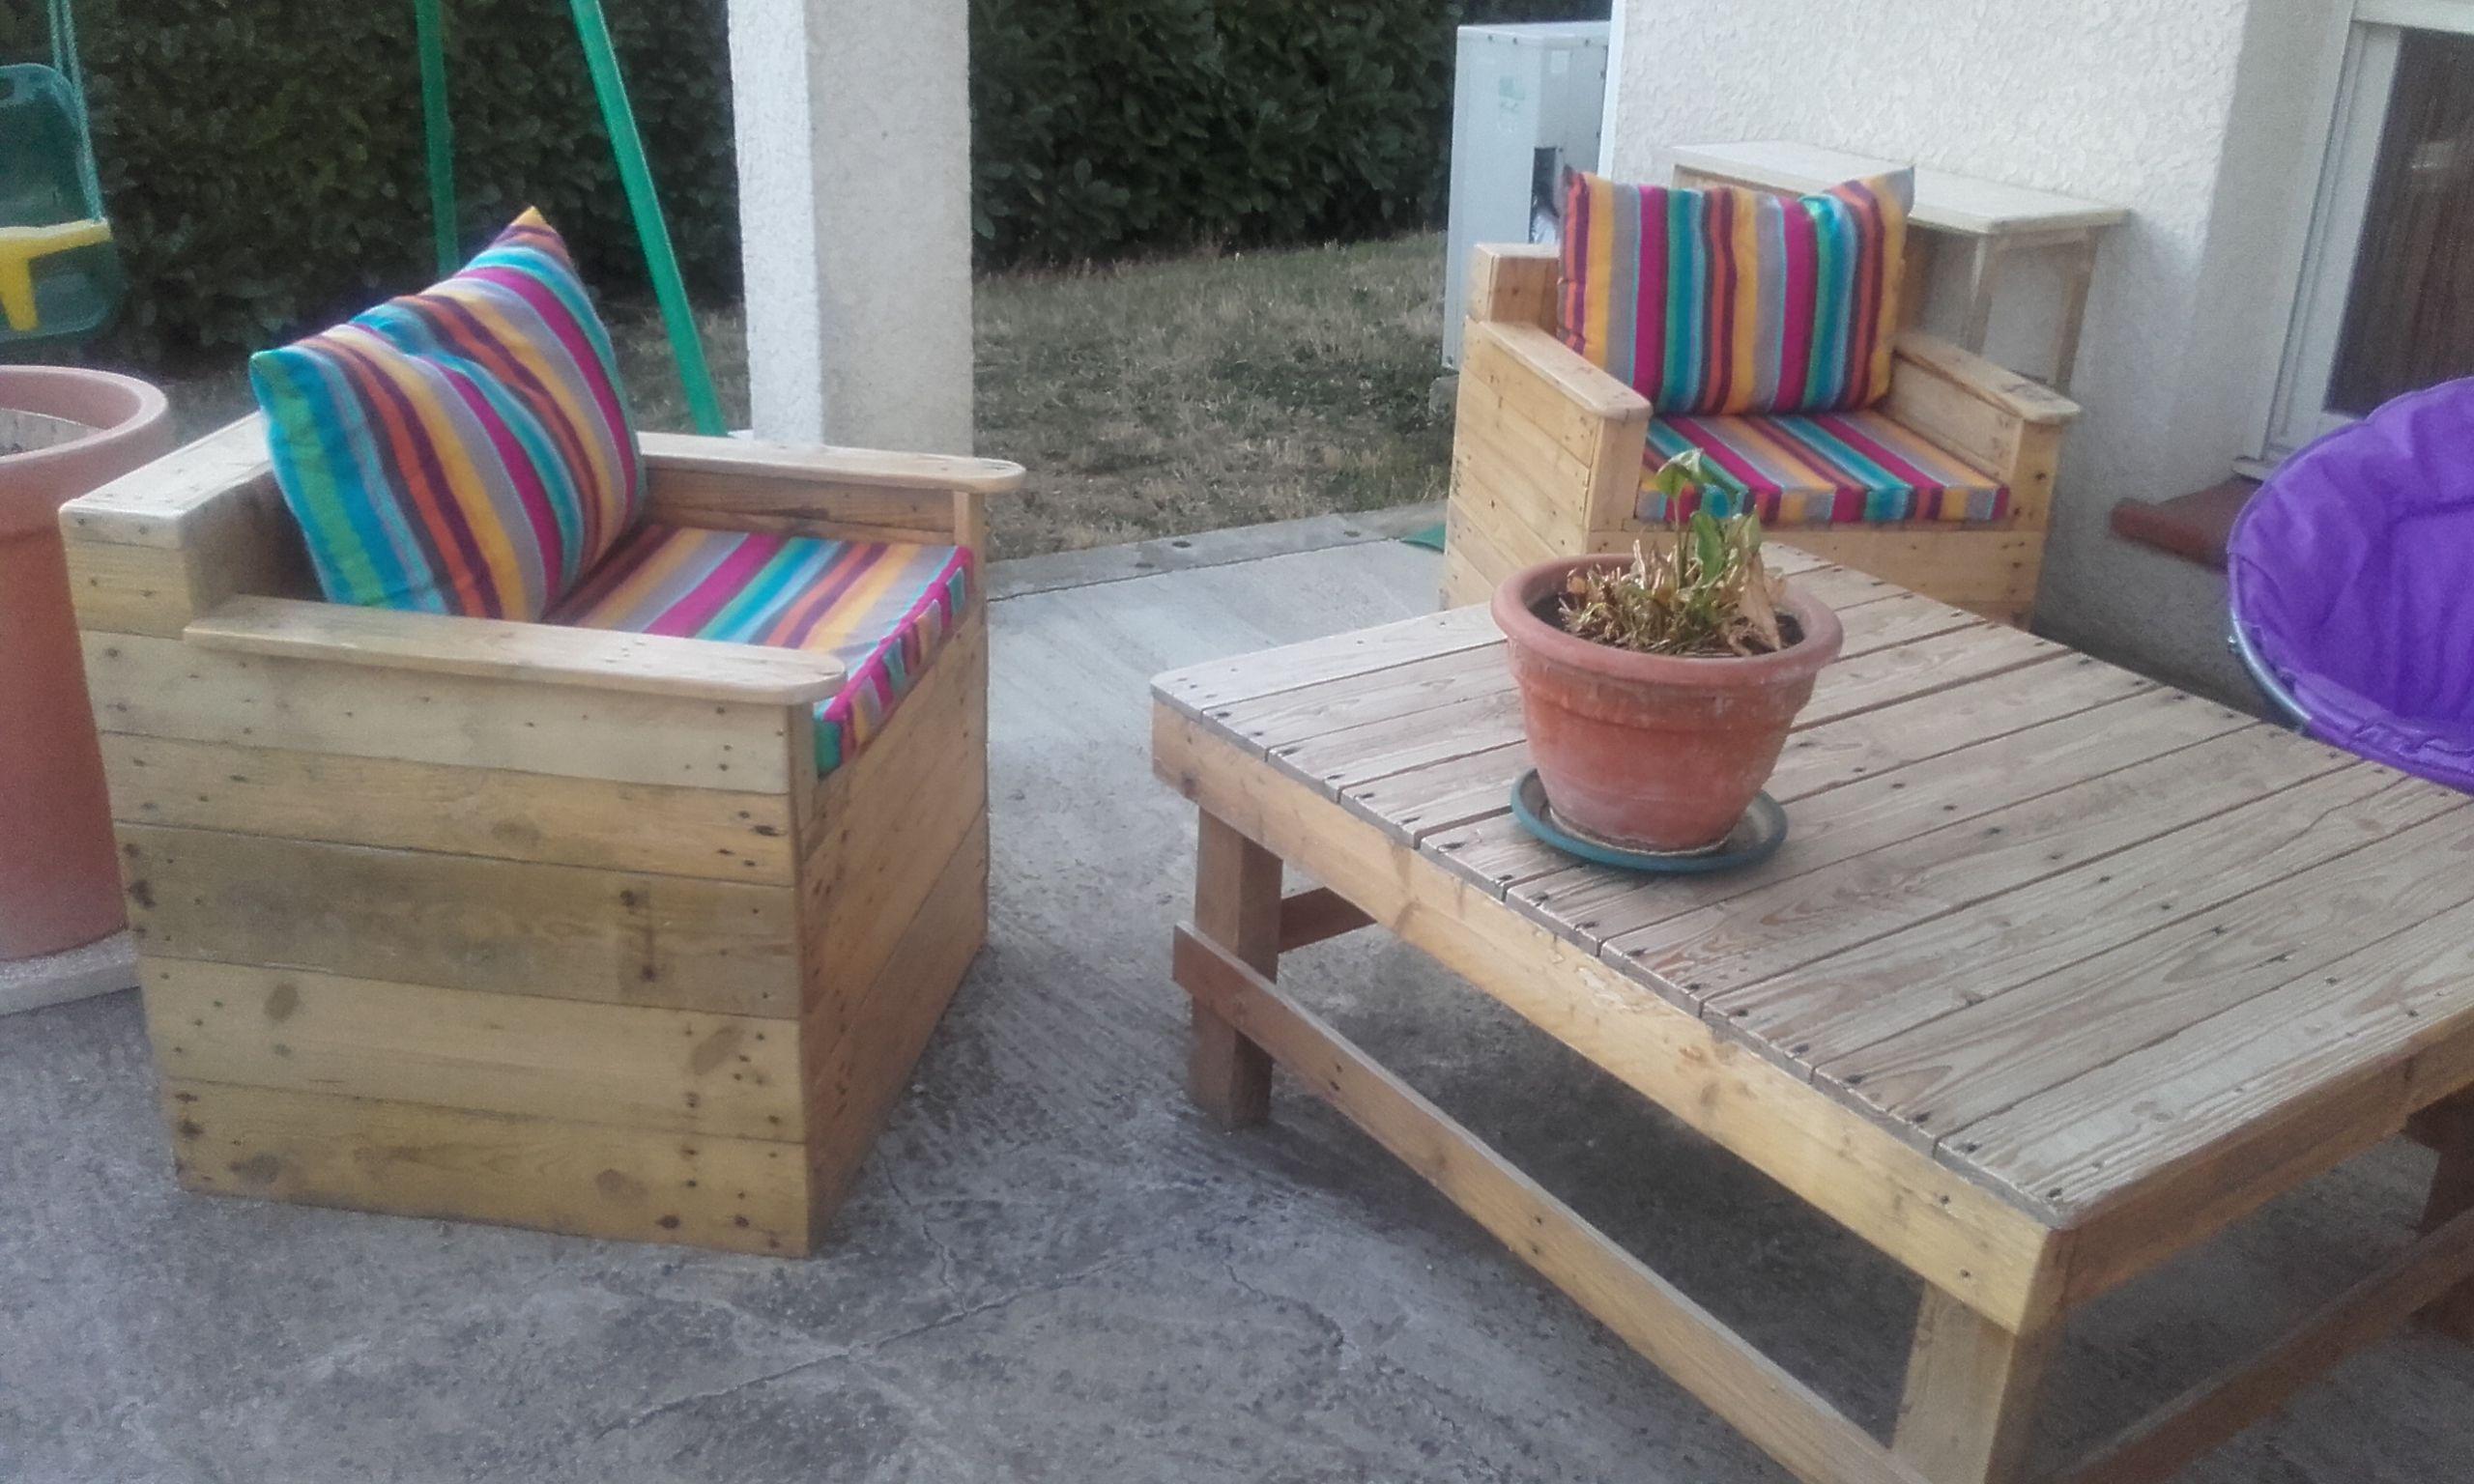 Fauteuil salon de jardin en bois de palettes www.facebook.com/pg ...